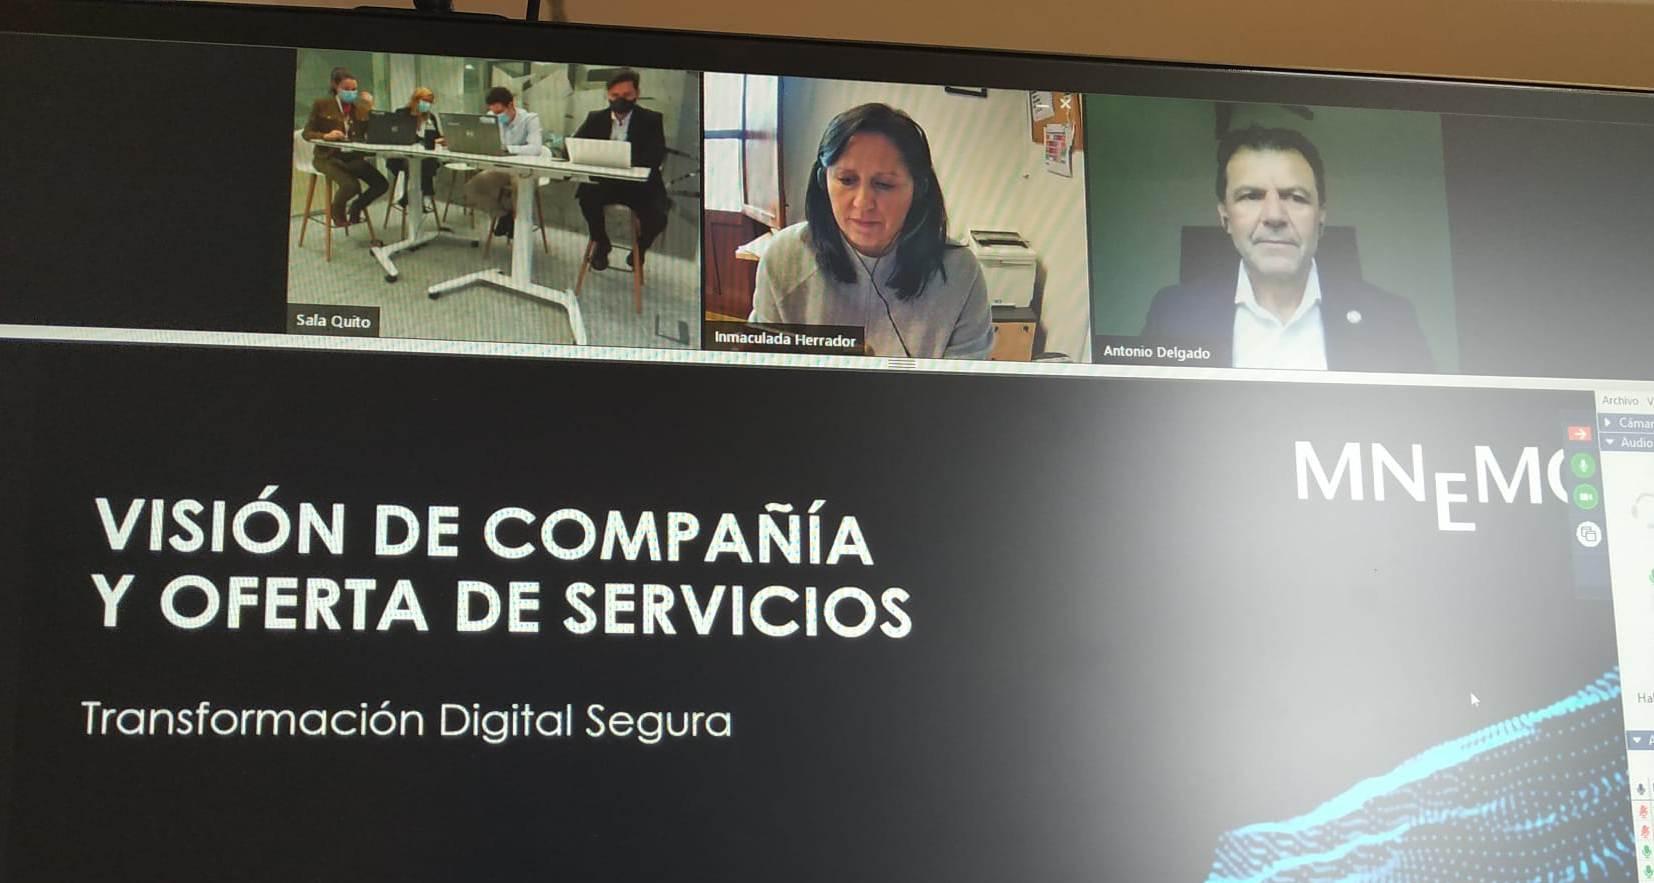 Imagen de portada de Una presentación de impacto. MNEMO, despierta el interés por la ciberseguridad